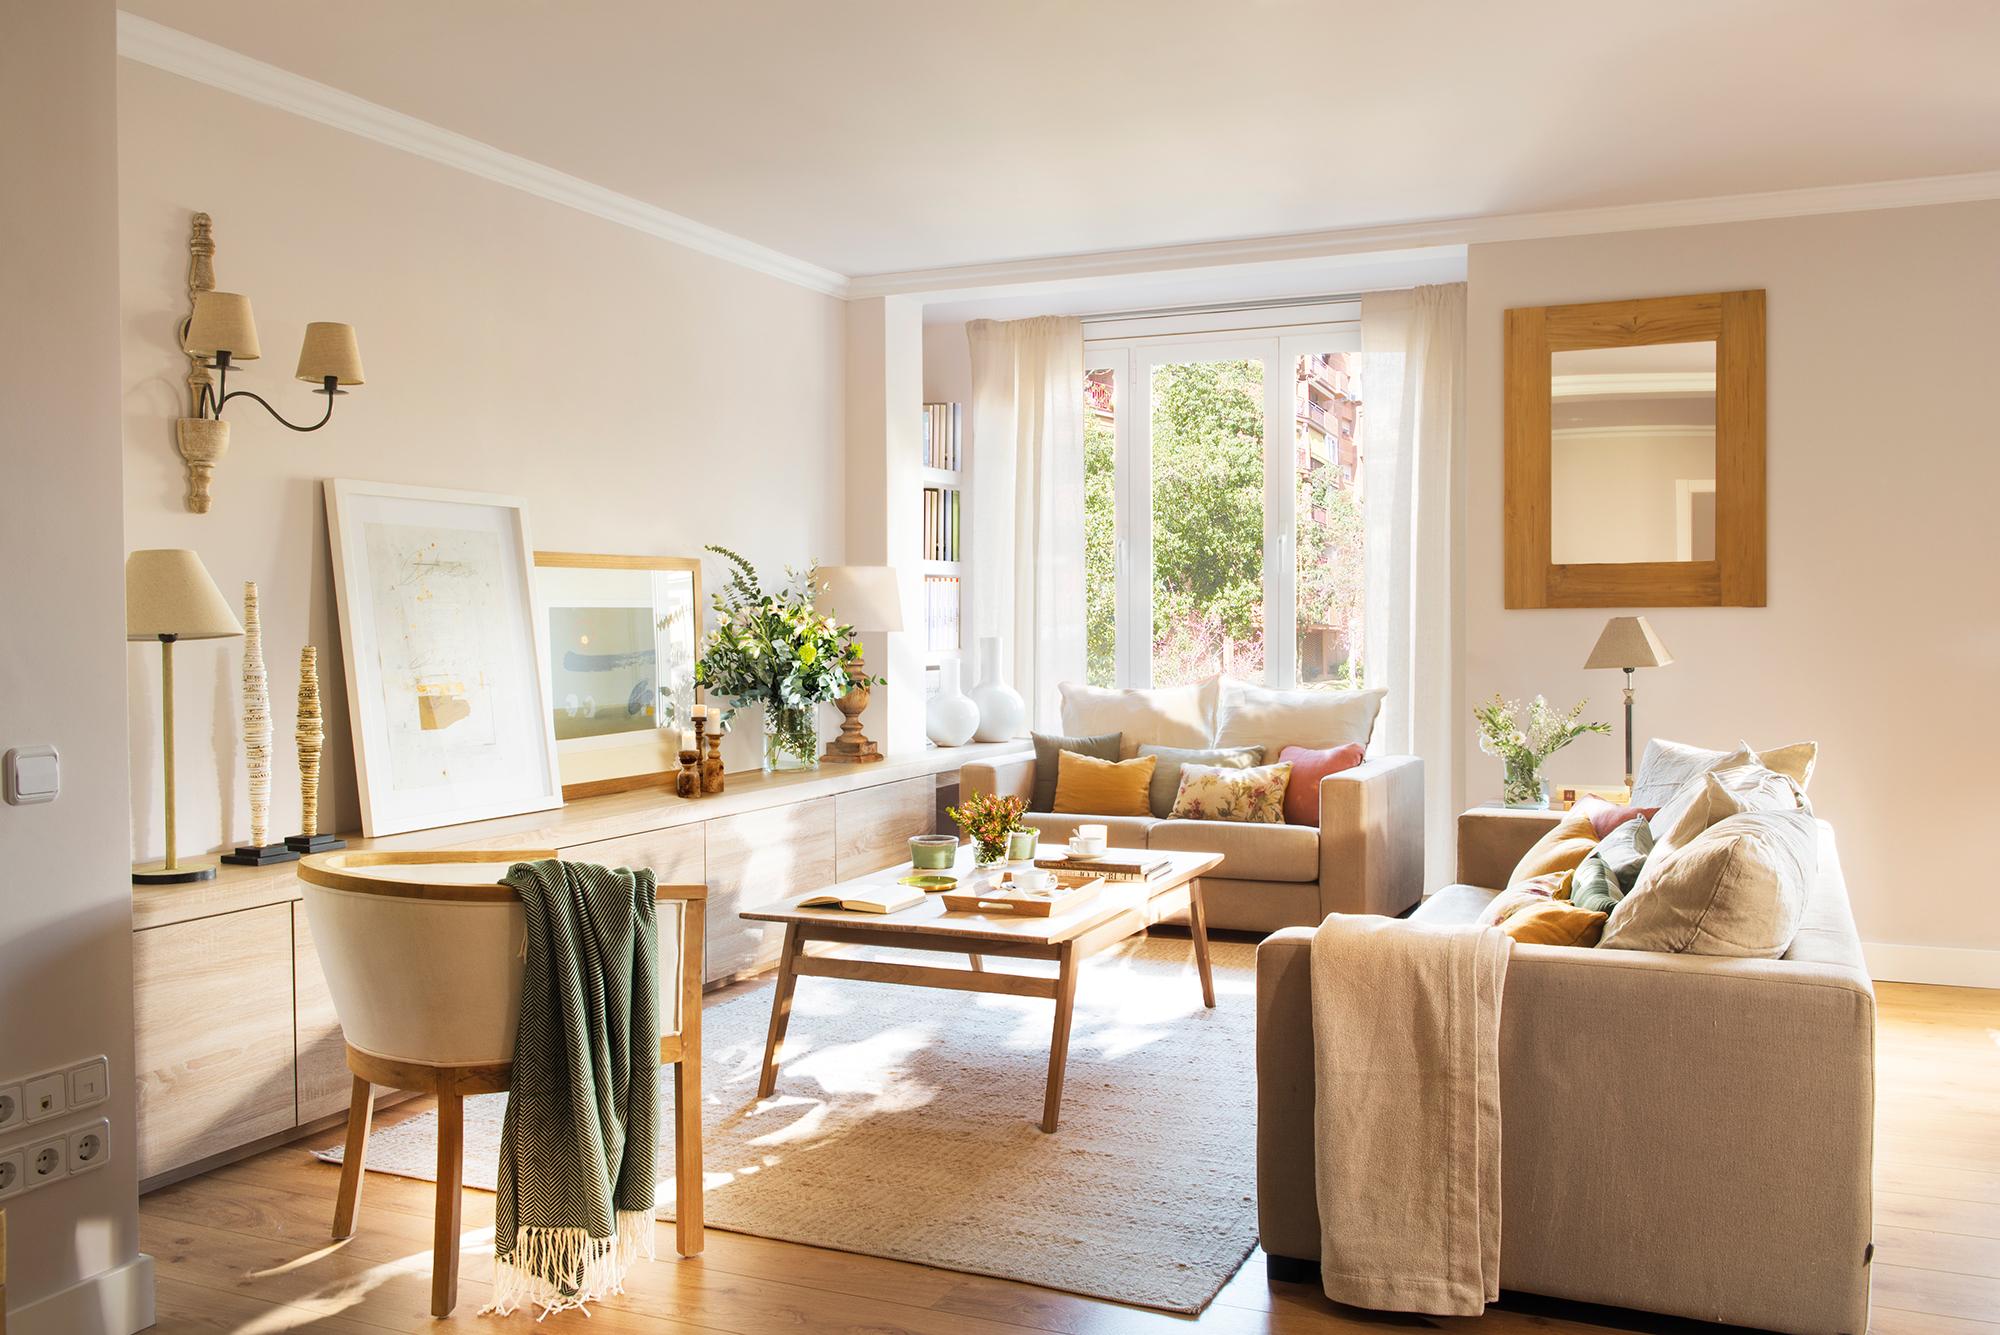 30 salones modernos y acogedores - Modelos de muebles de salon ...